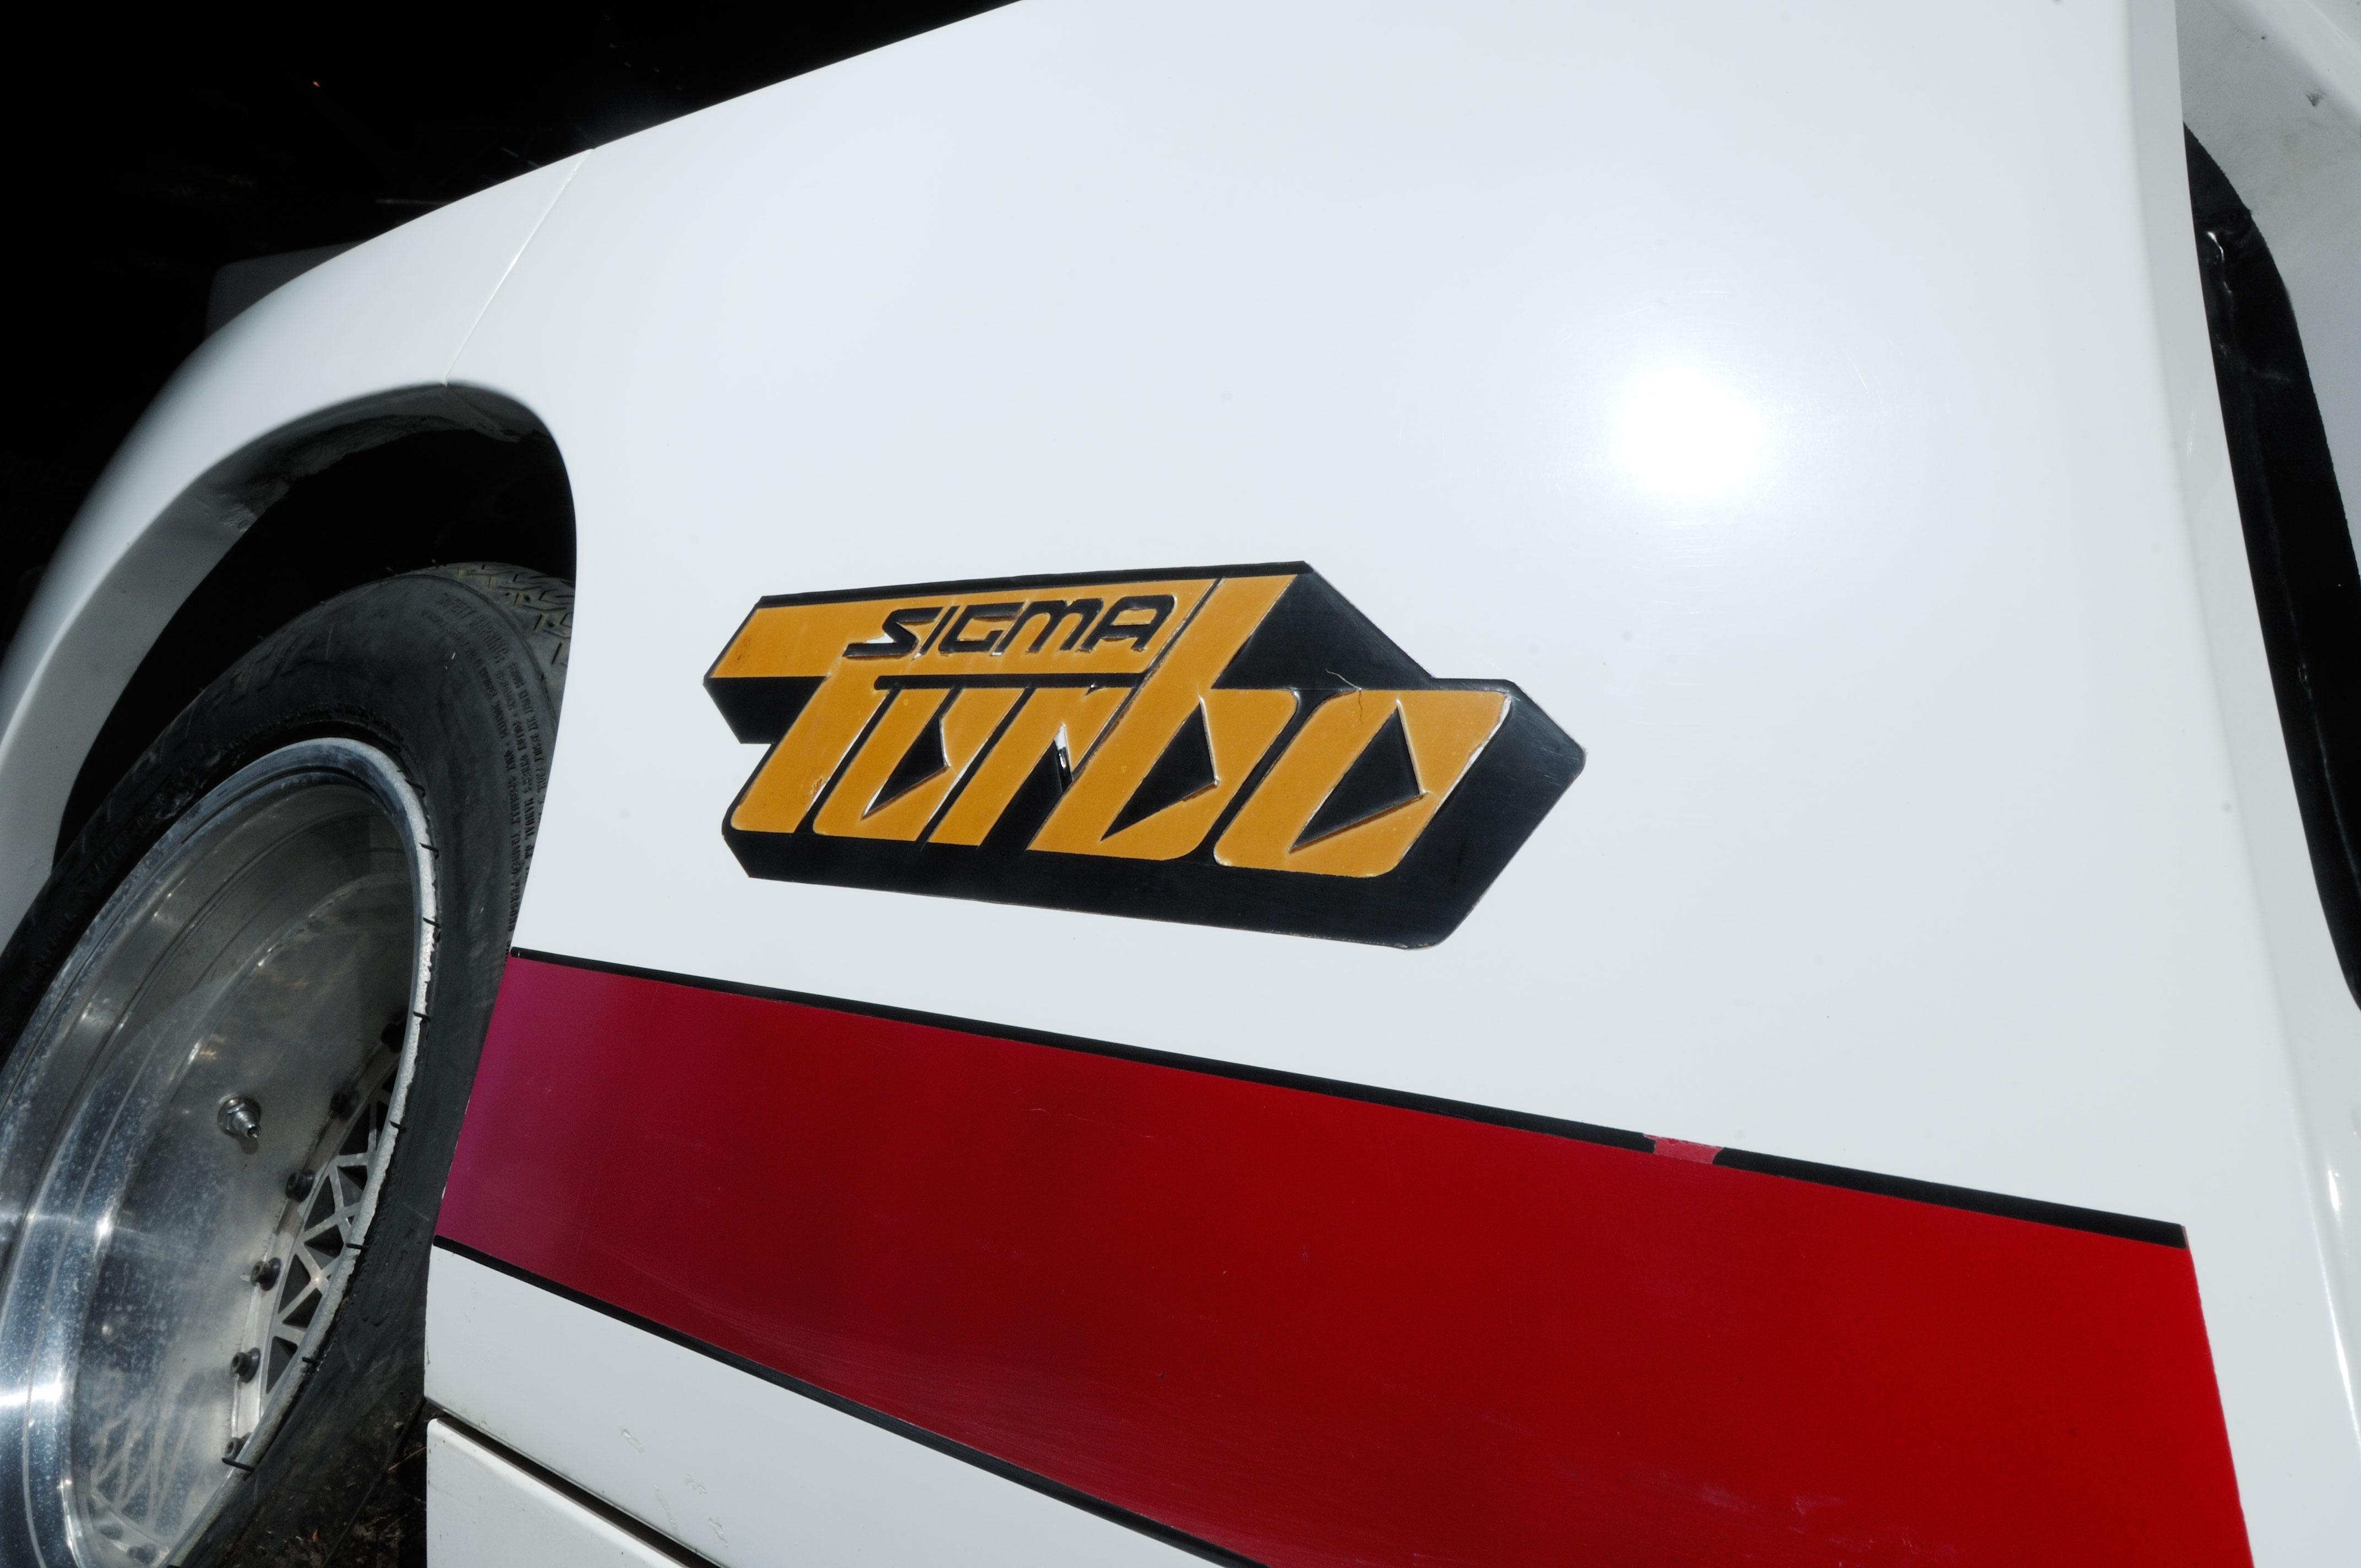 Chrysler's wild Sigma concept